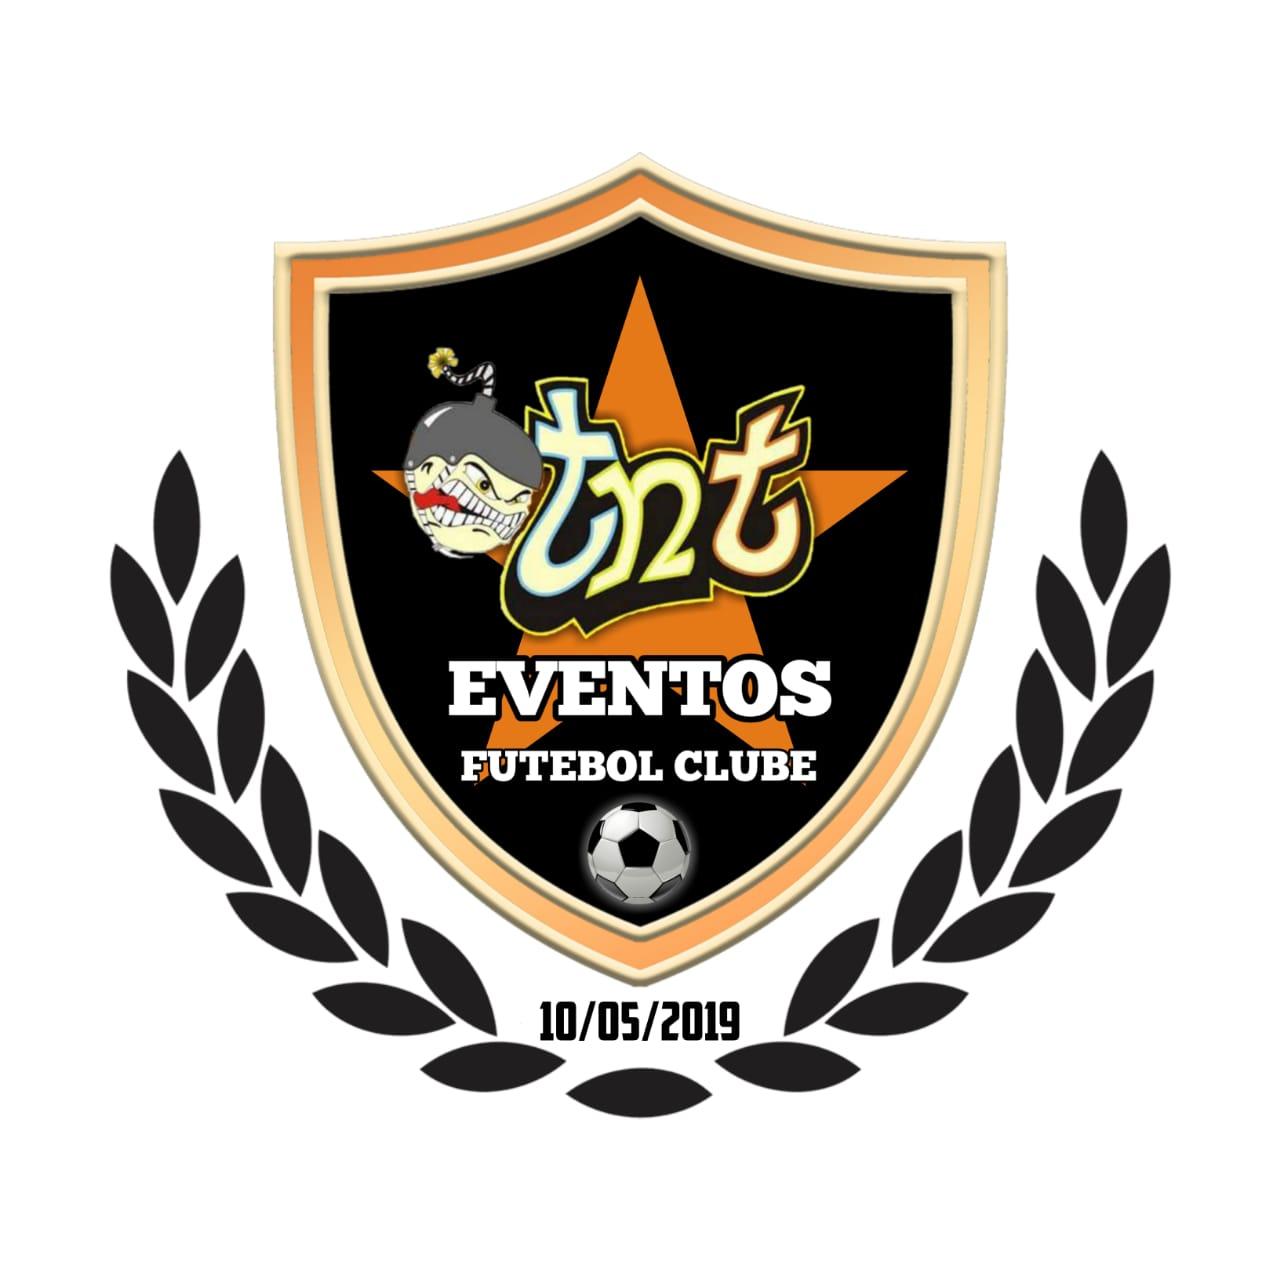 TNT EVENTOS FC